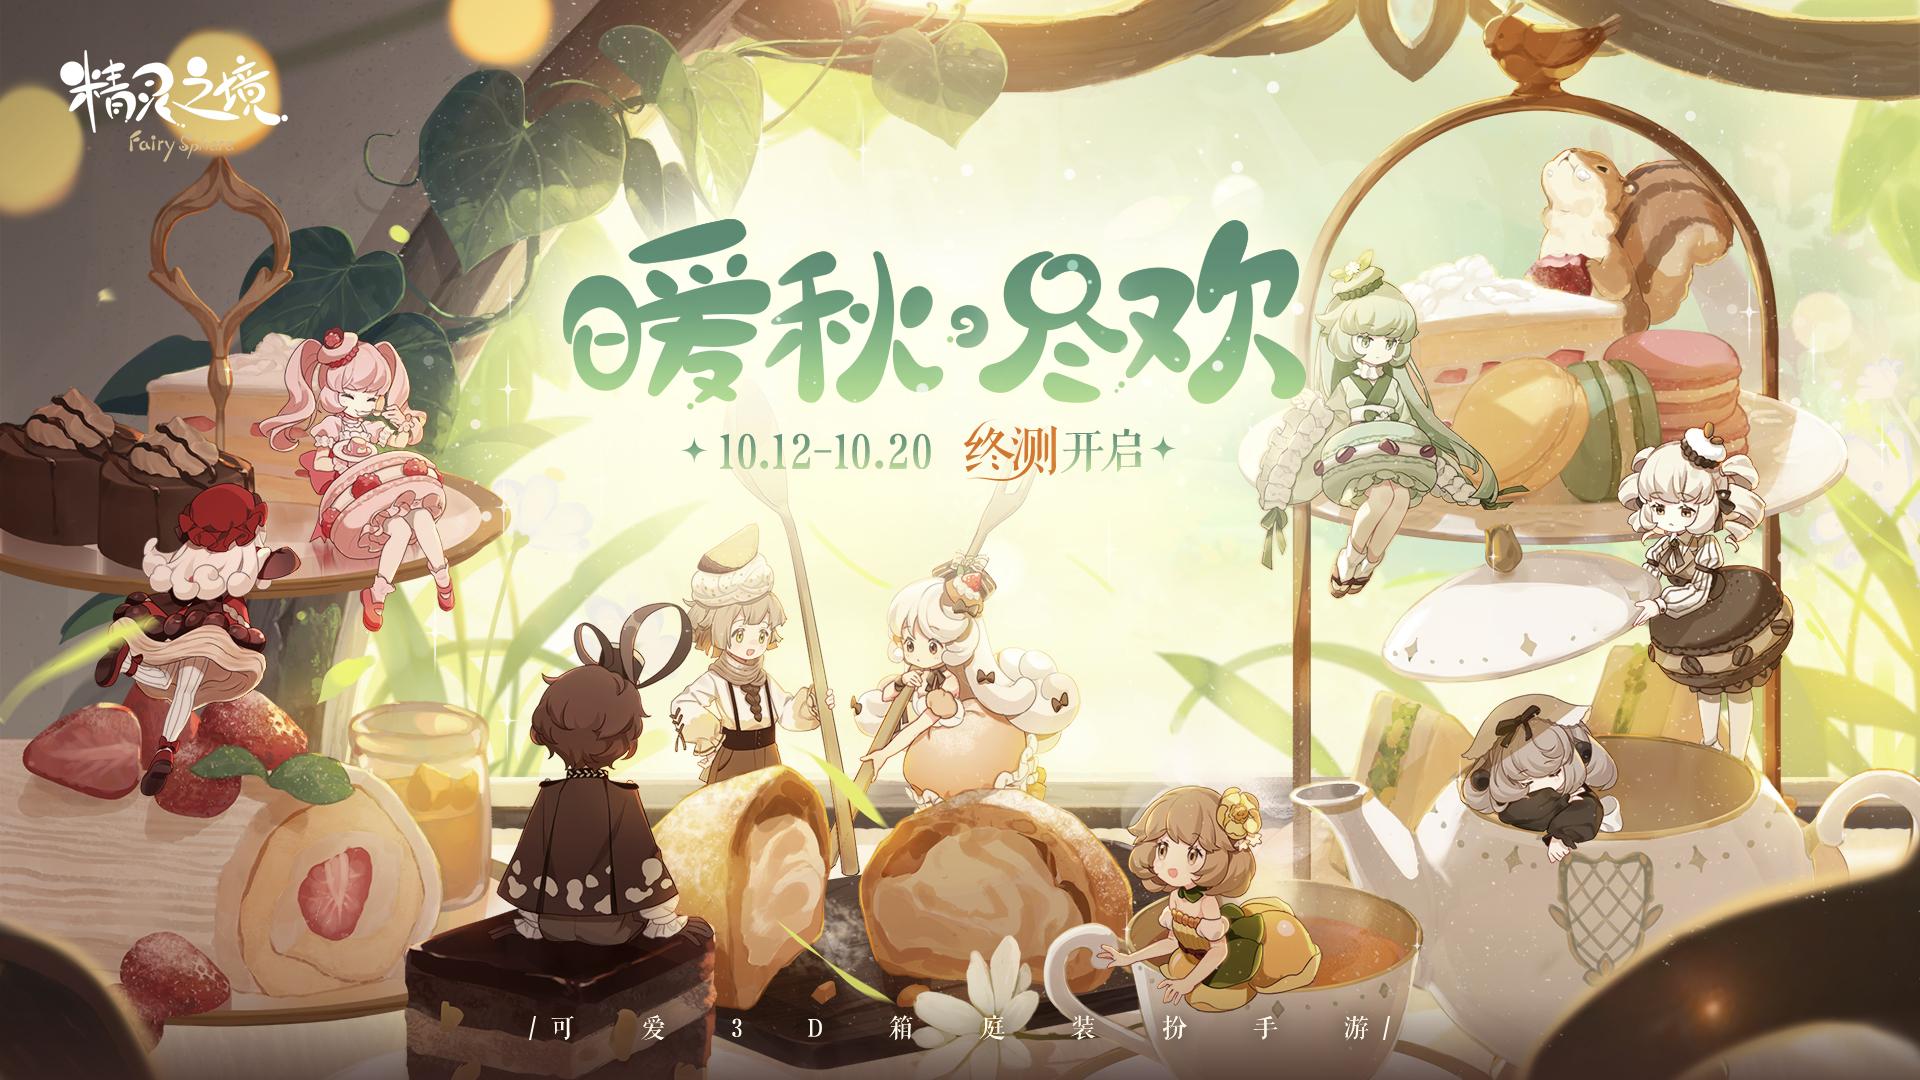 《精灵之境》玩法视频|联动《蔬菜动物精灵》打造可爱旅程...